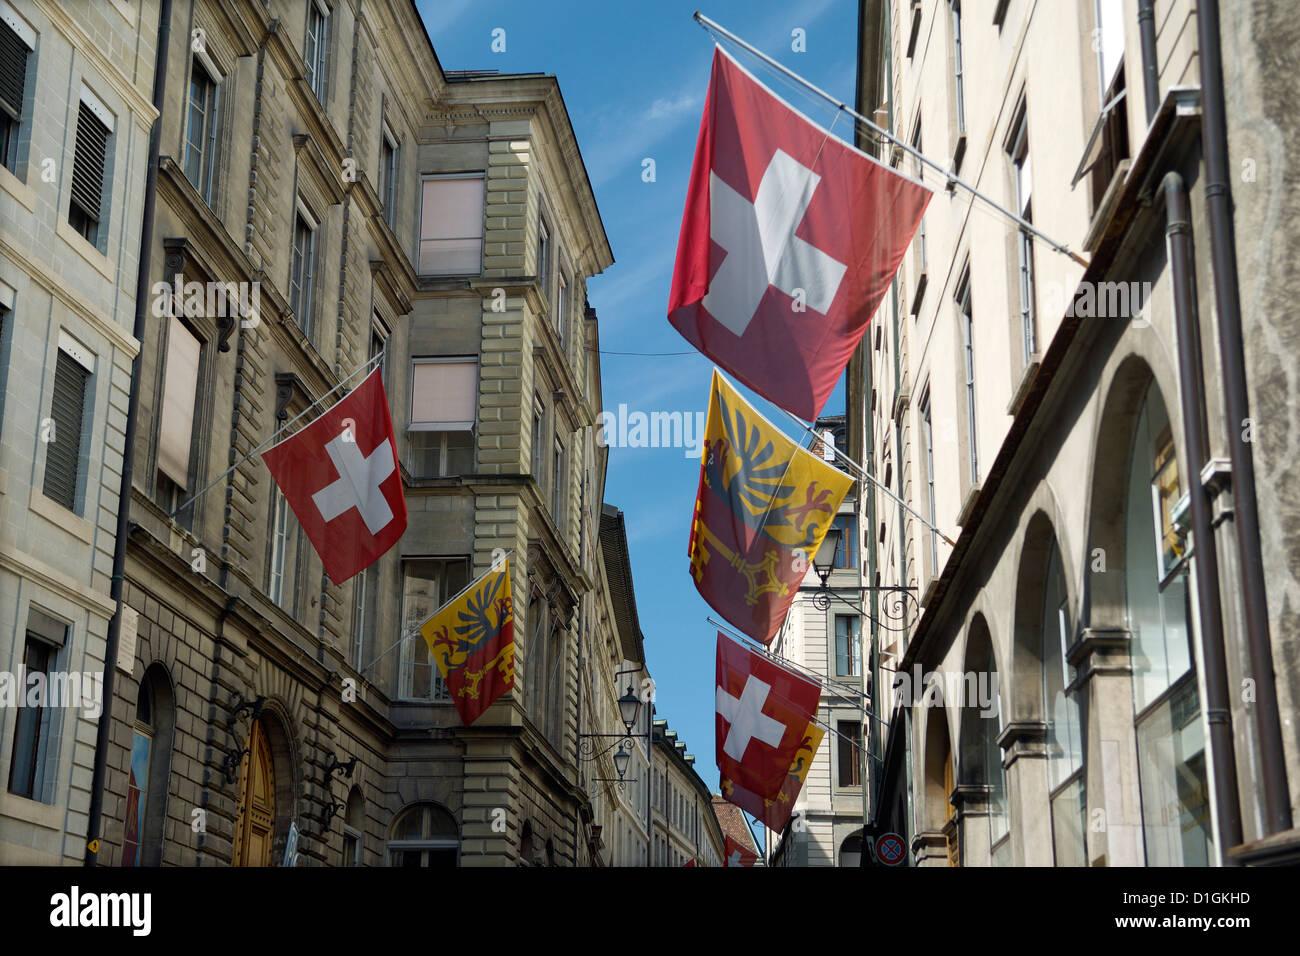 Des scènes de rue dans la vieille ville de Genève, Genève, Suisse, Europe Photo Stock